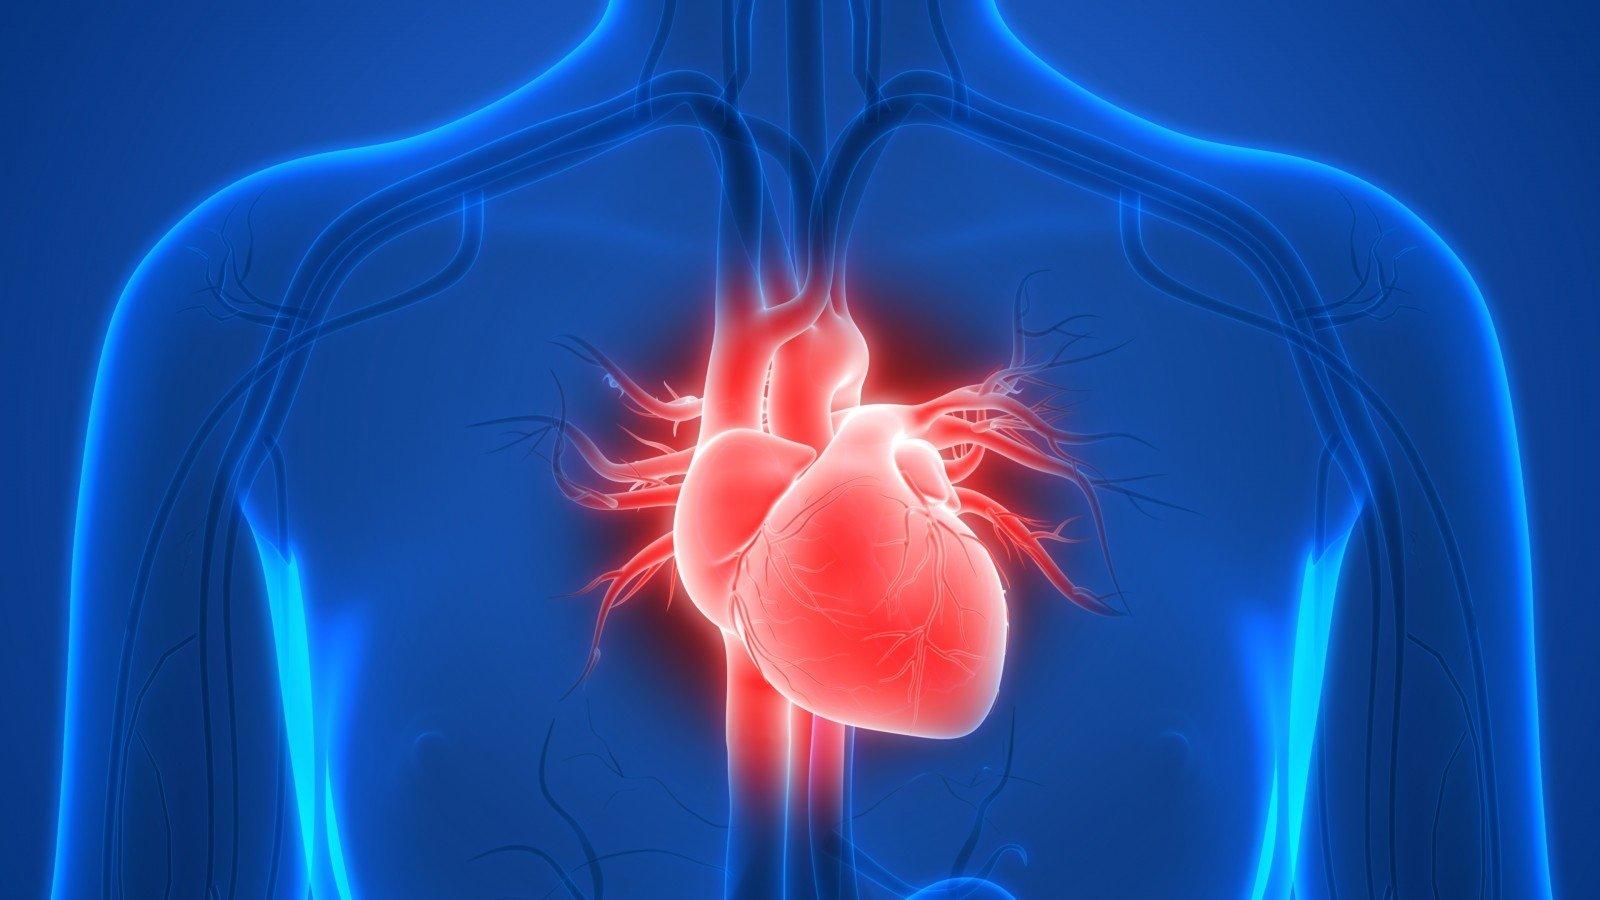 Paprastas būdas patikrinti širdies sveikatą: užtruksite vos 5 minutes | jusukalve.lt